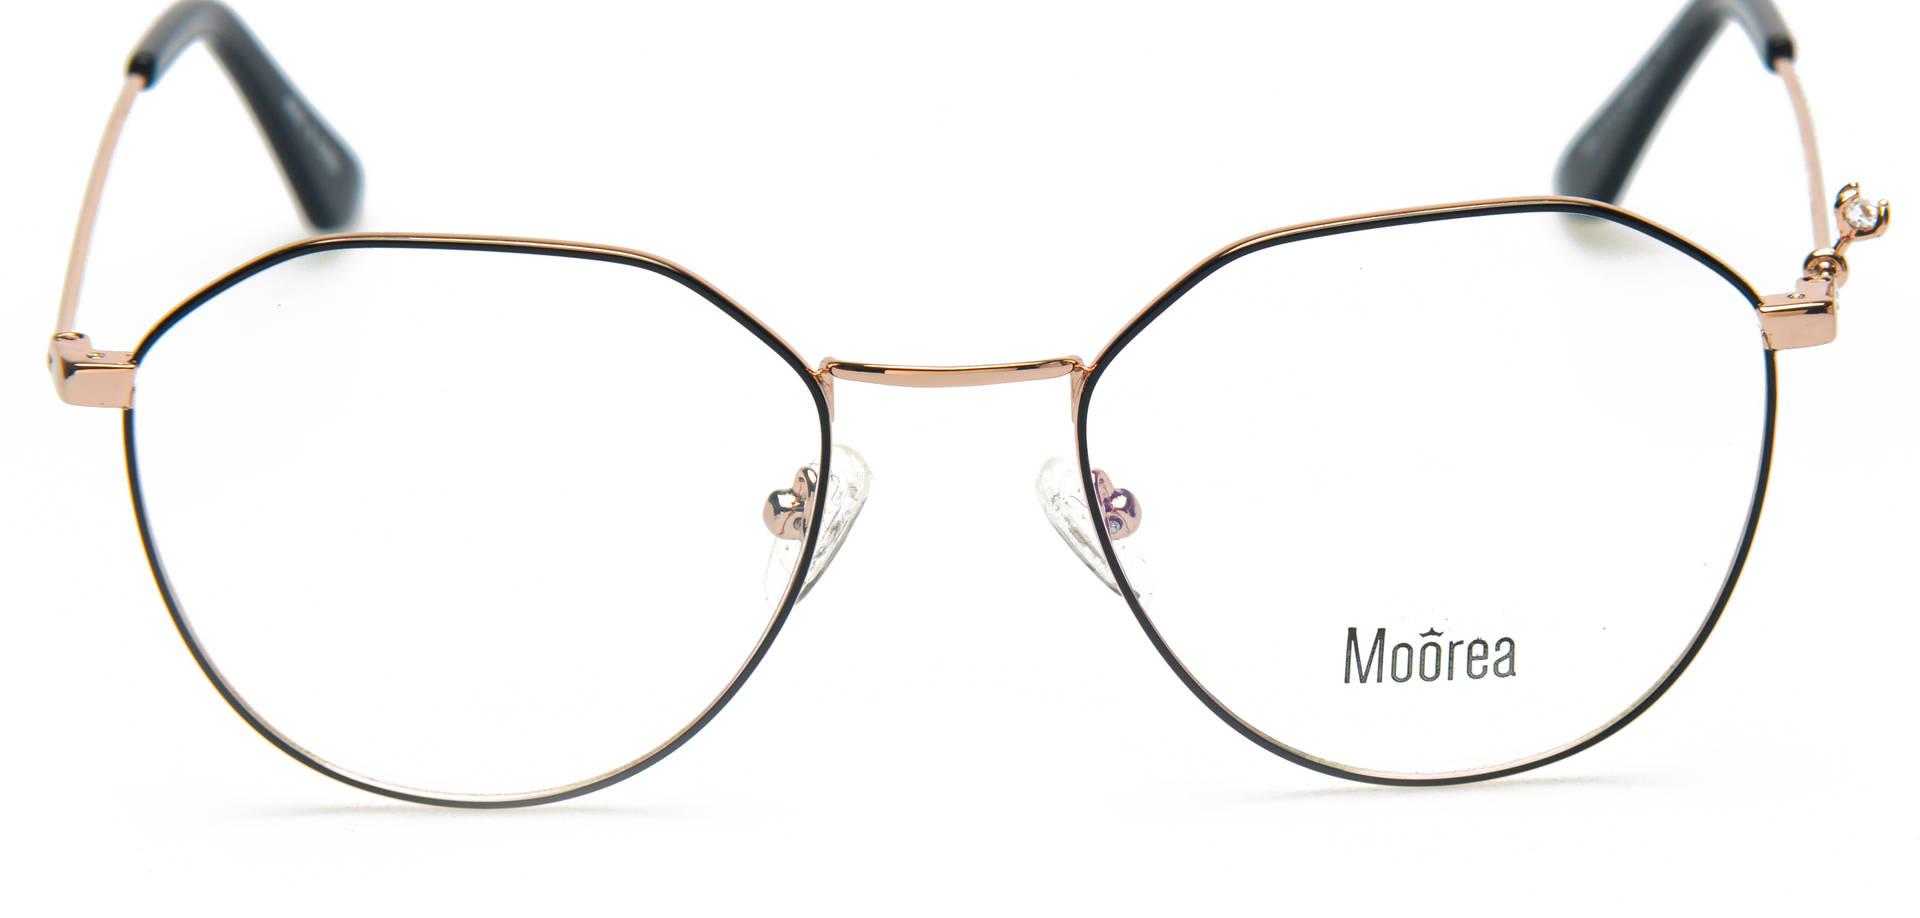 8R3-MOOREA-01-C1